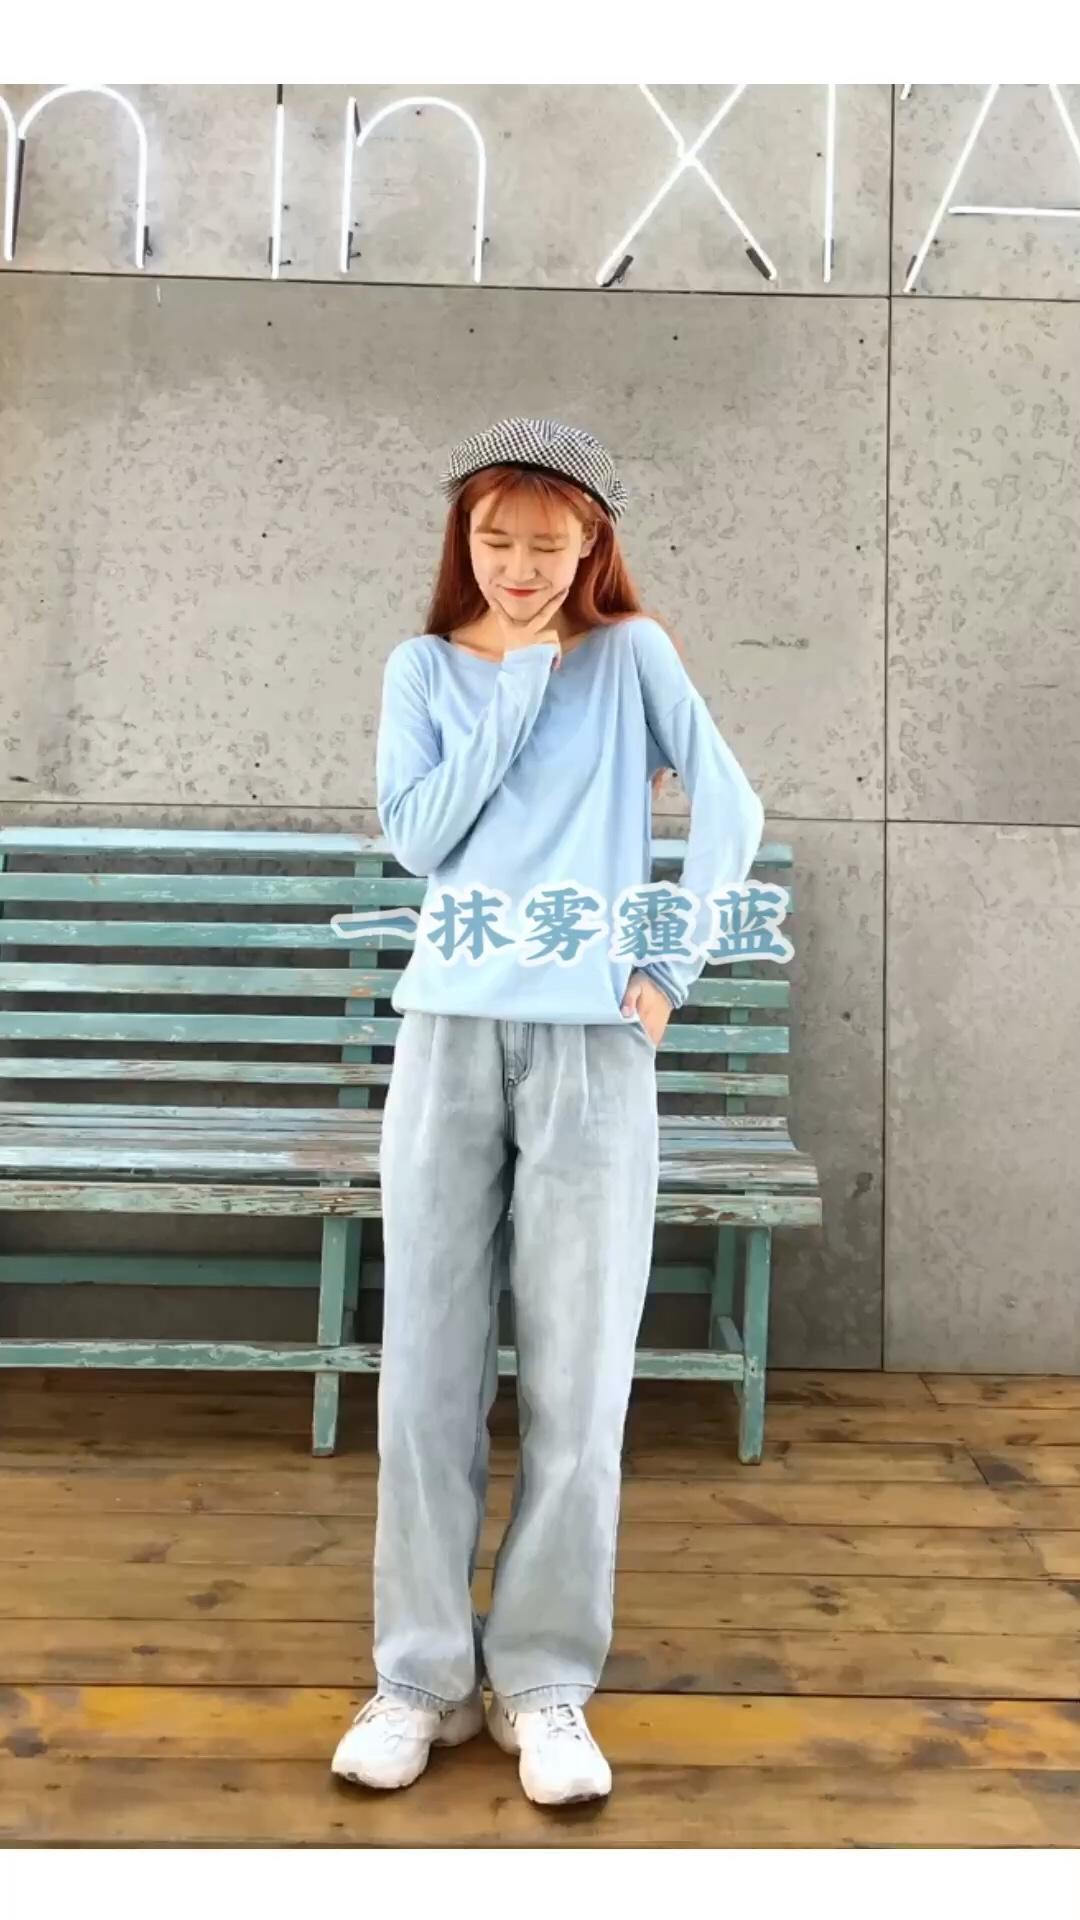 #2019早秋流行第一弹# 清新的雾霾蓝色系 蓝色的针织上衣,颜色看起来就很干净! 搭配浅蓝色阔腿裤,这个裤子版型真的必须夸! 粗腿矮个拥有这条裤子,直接逆袭好吗!!!? 大长腿get,你就是人群中最美的那个啦